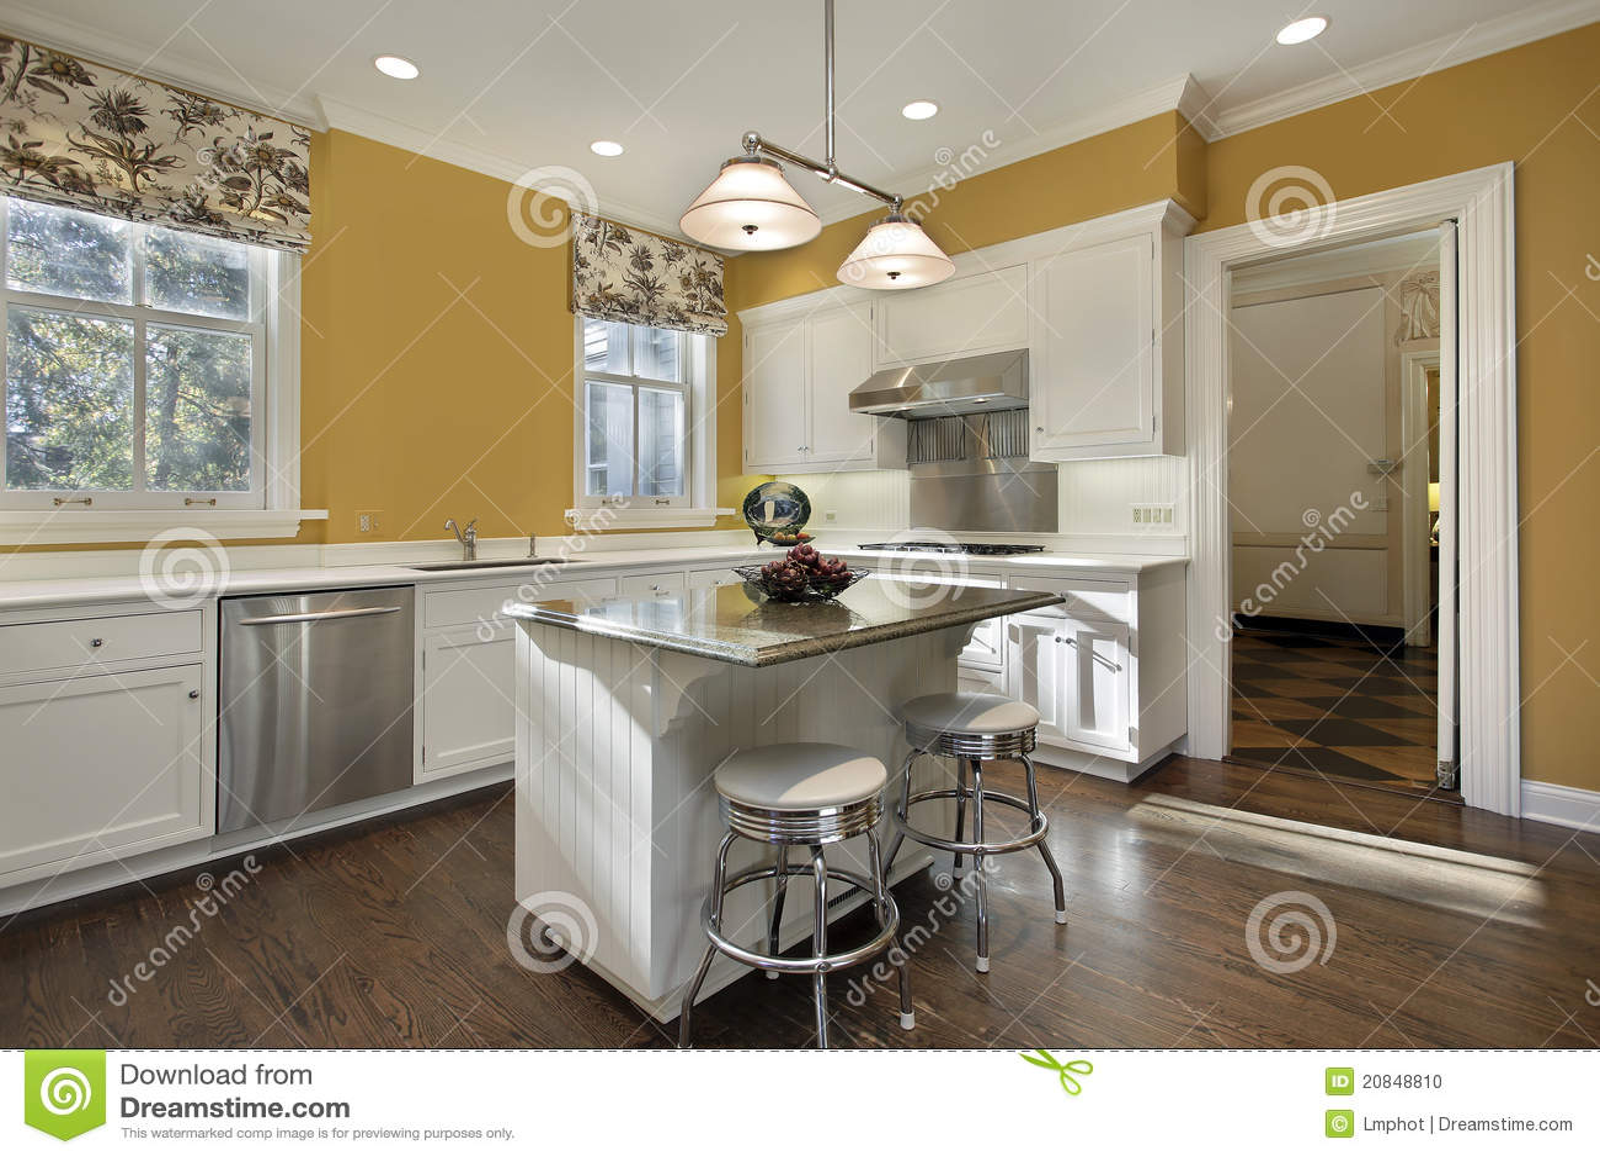 Keuken met gouden muren stock foto afbeelding 20848810 - Keuken met teller ...